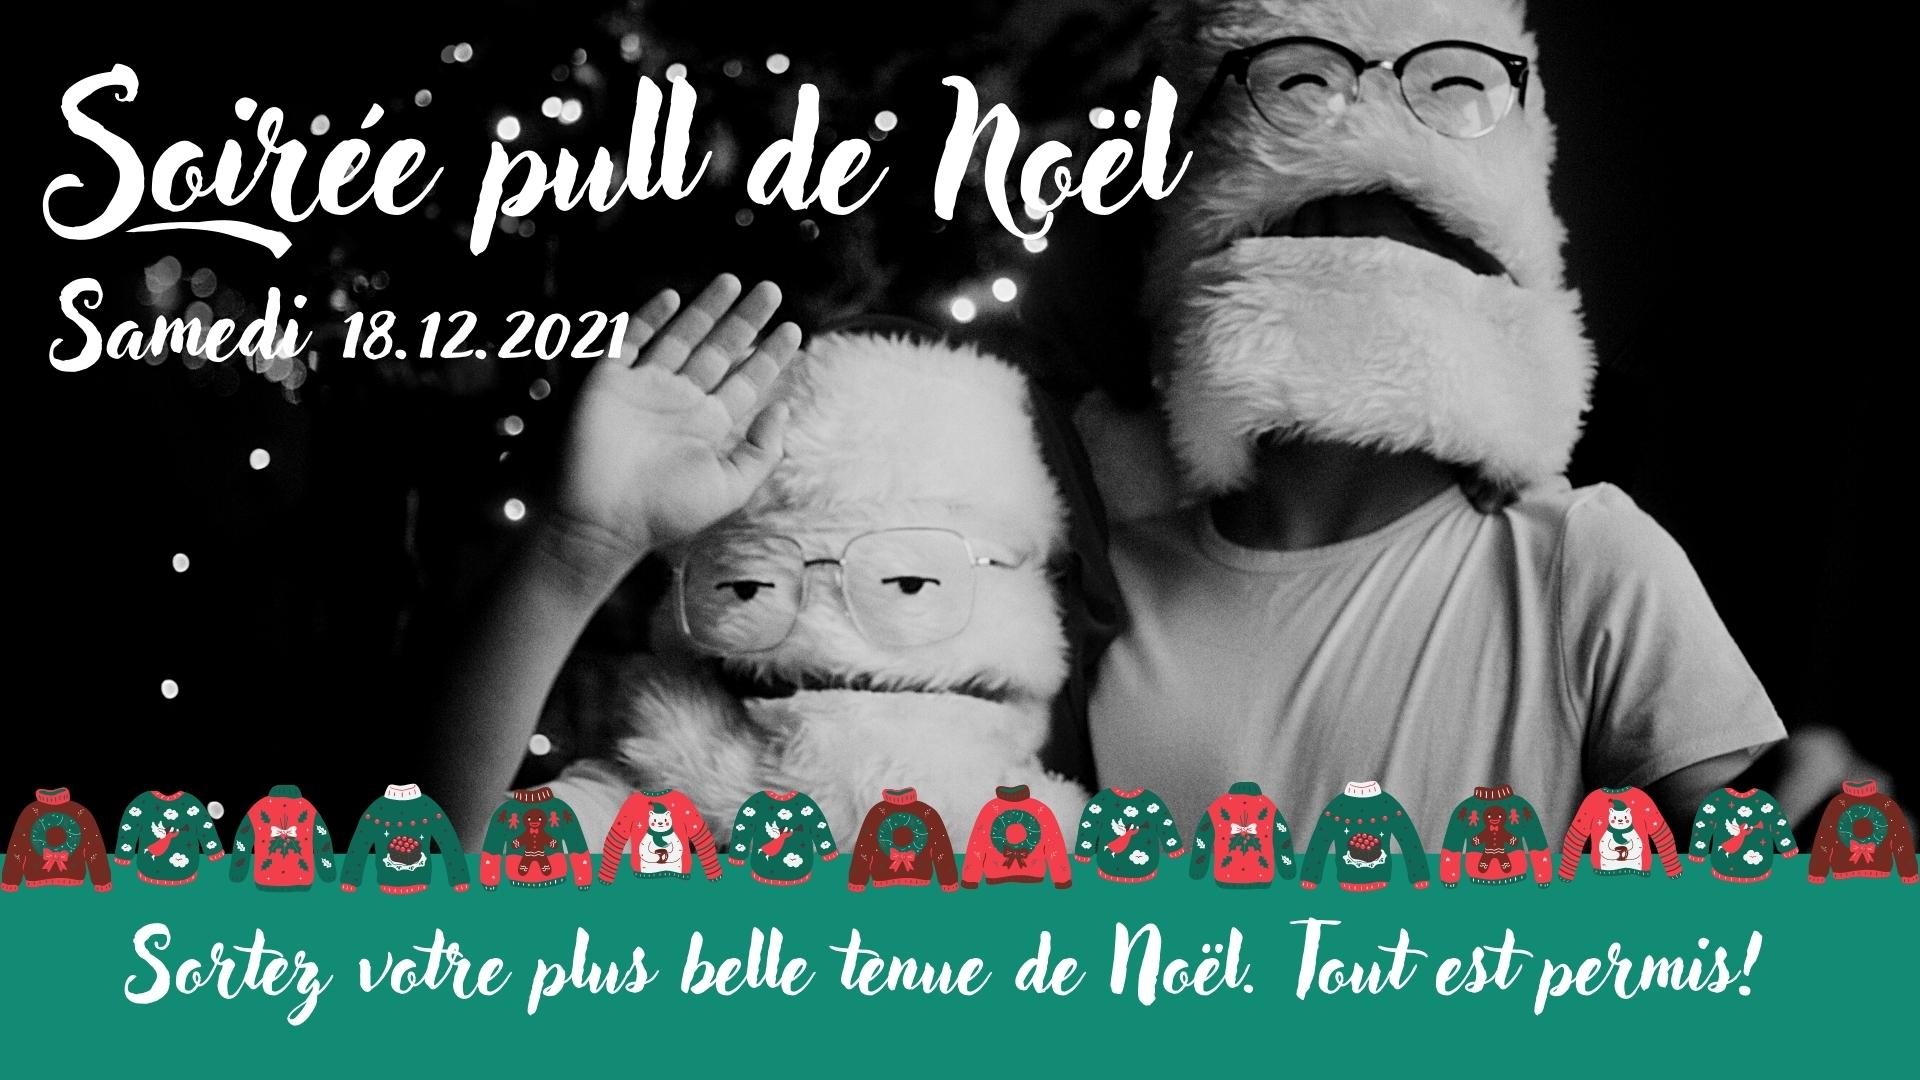 Soirée pull de Noël à l'Abreuvoir de Magnières (54)